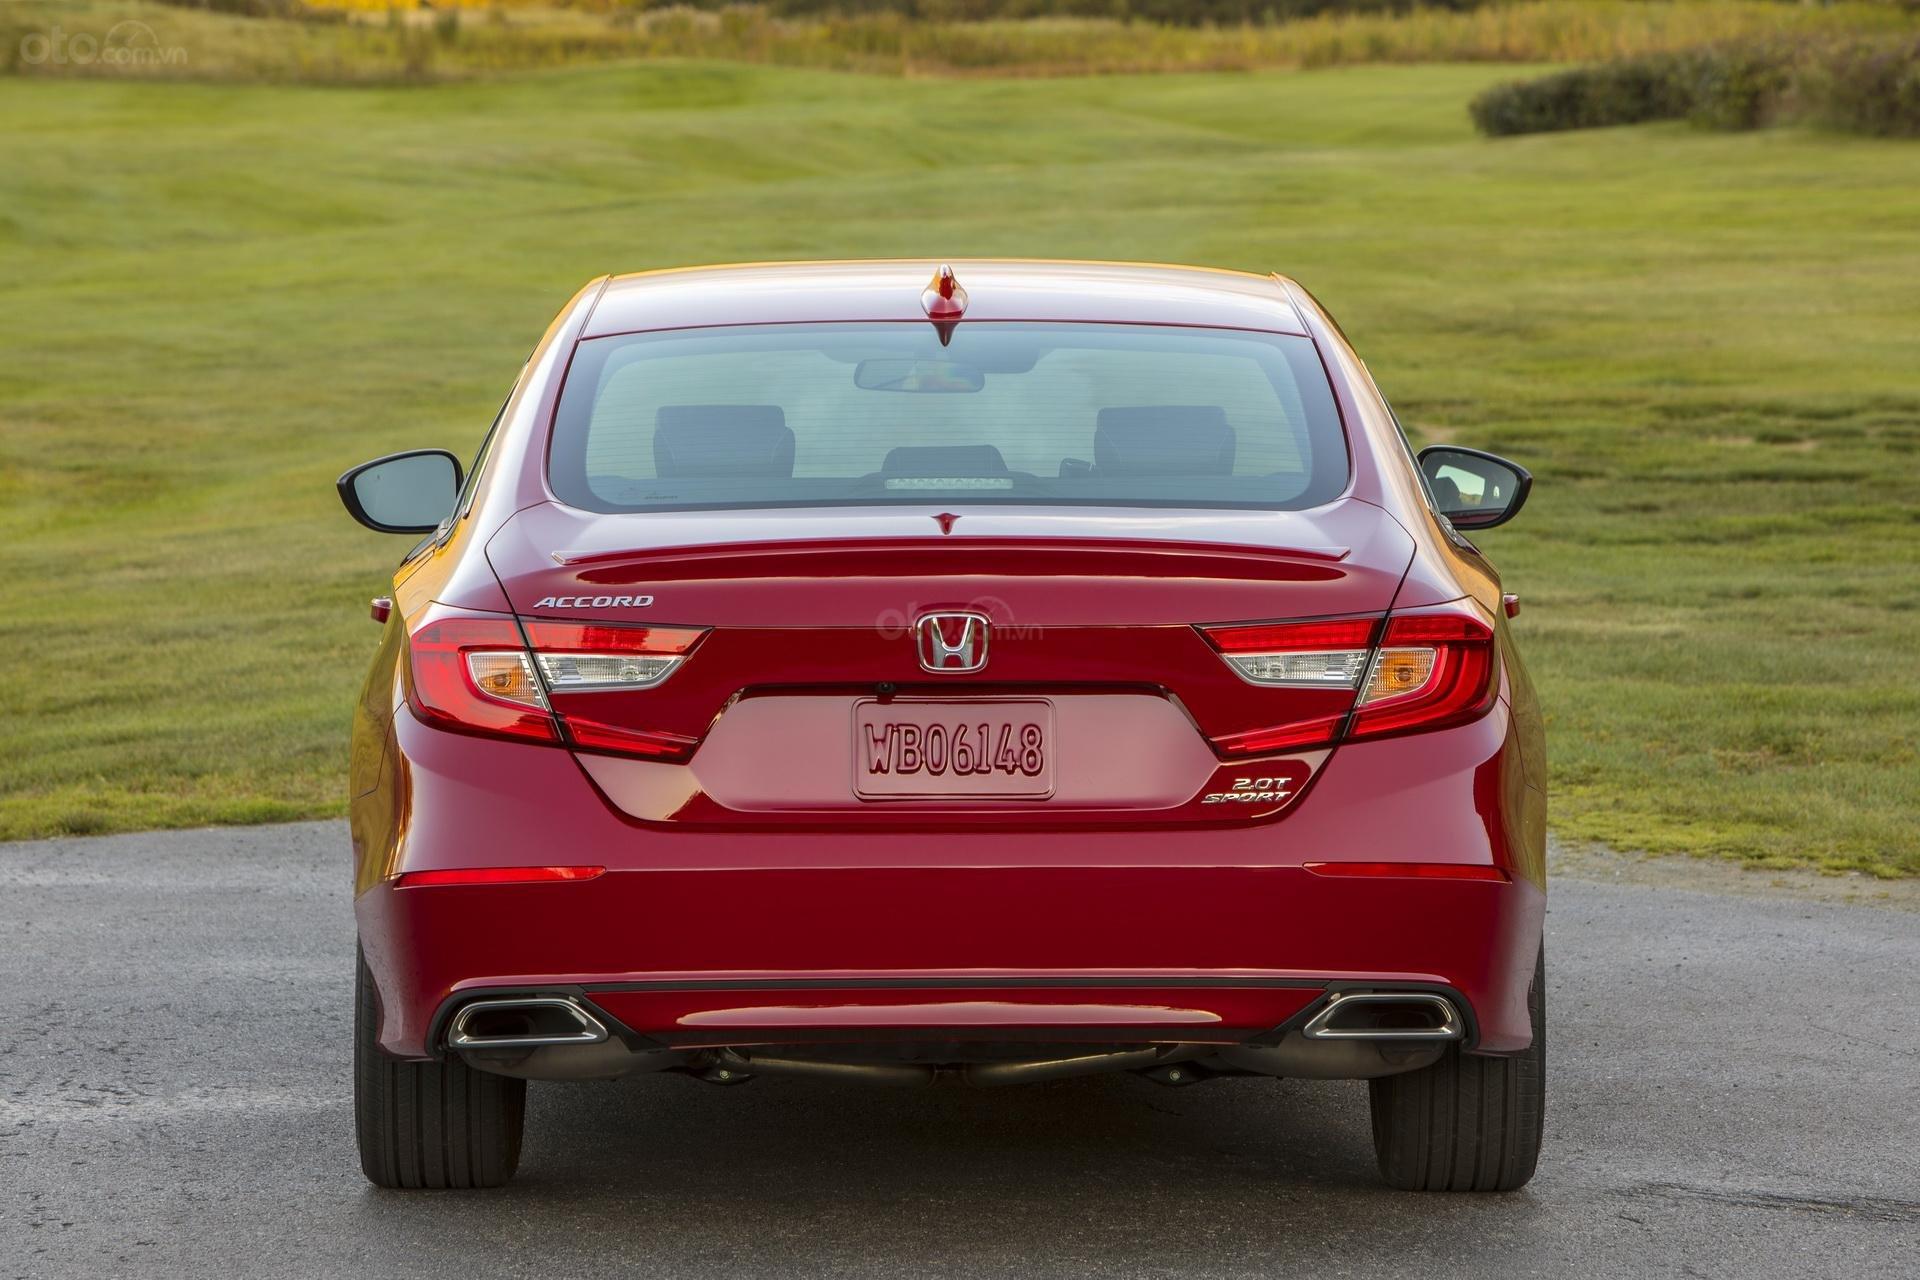 Đánh giá xe Honda Accord 2019 Sport  - chính diện đuôi xe